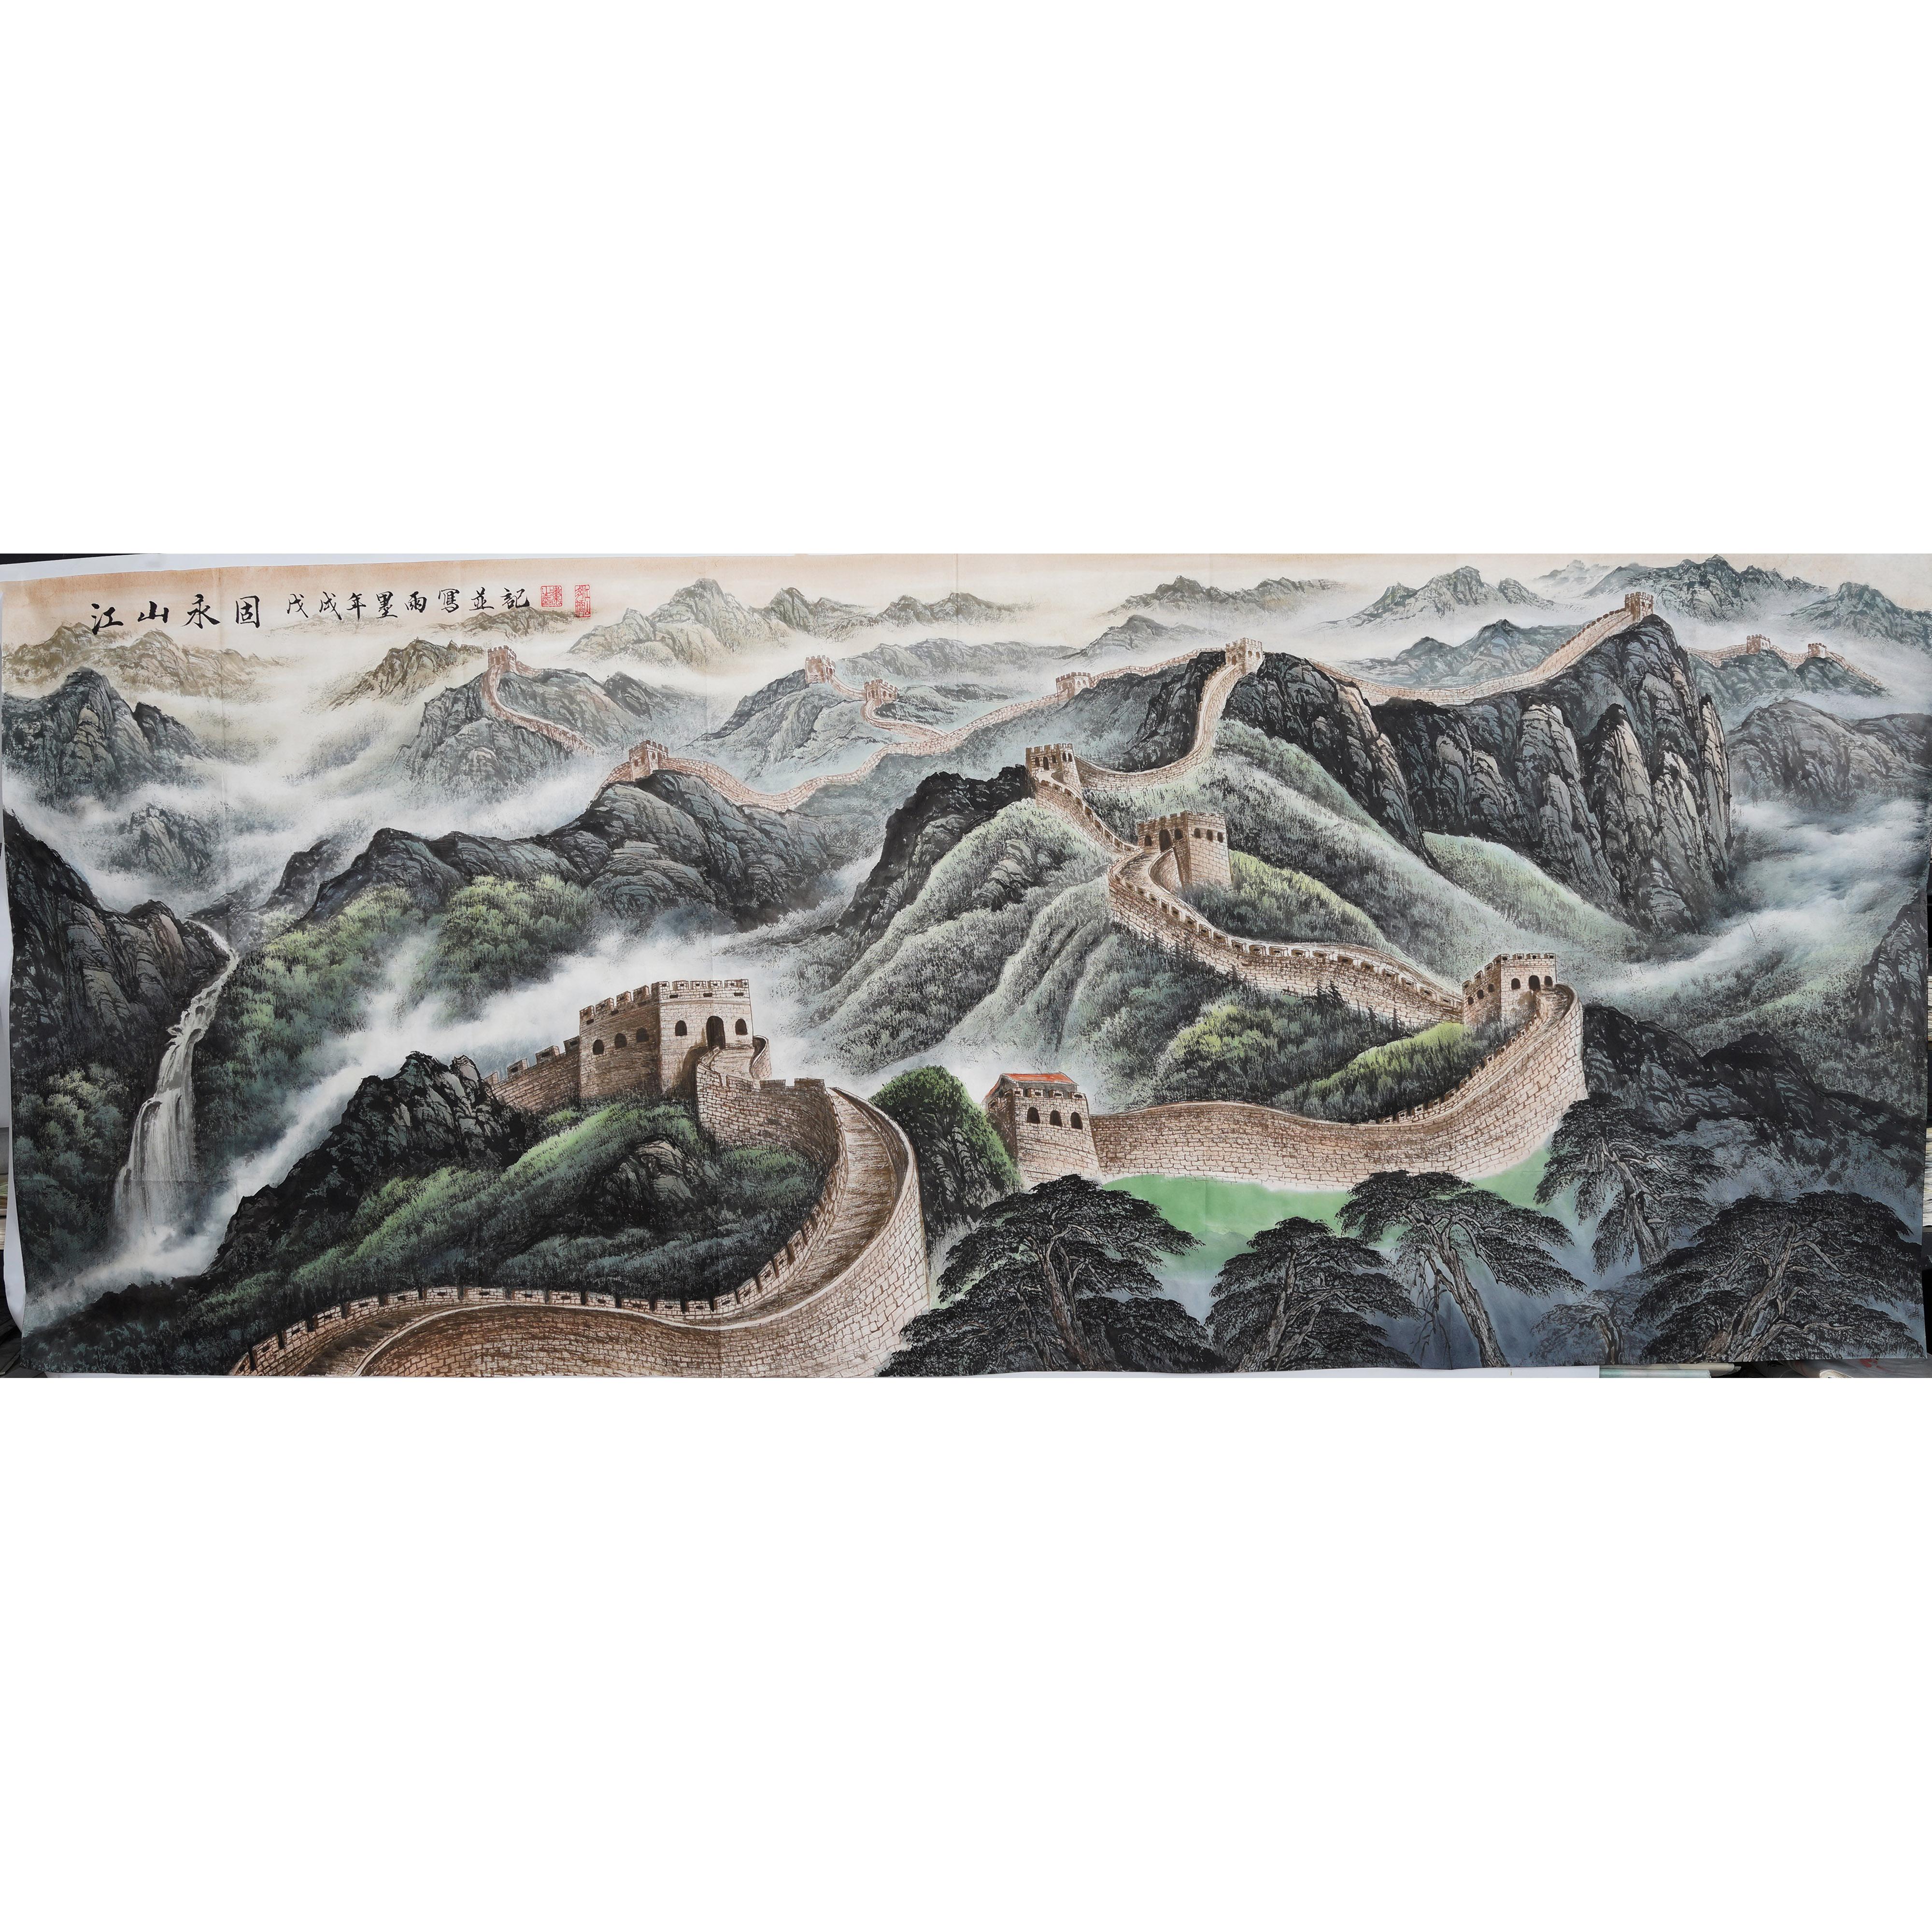 0005大气会议室江山永固靠山图办公室山水画手绘万里长城画国画